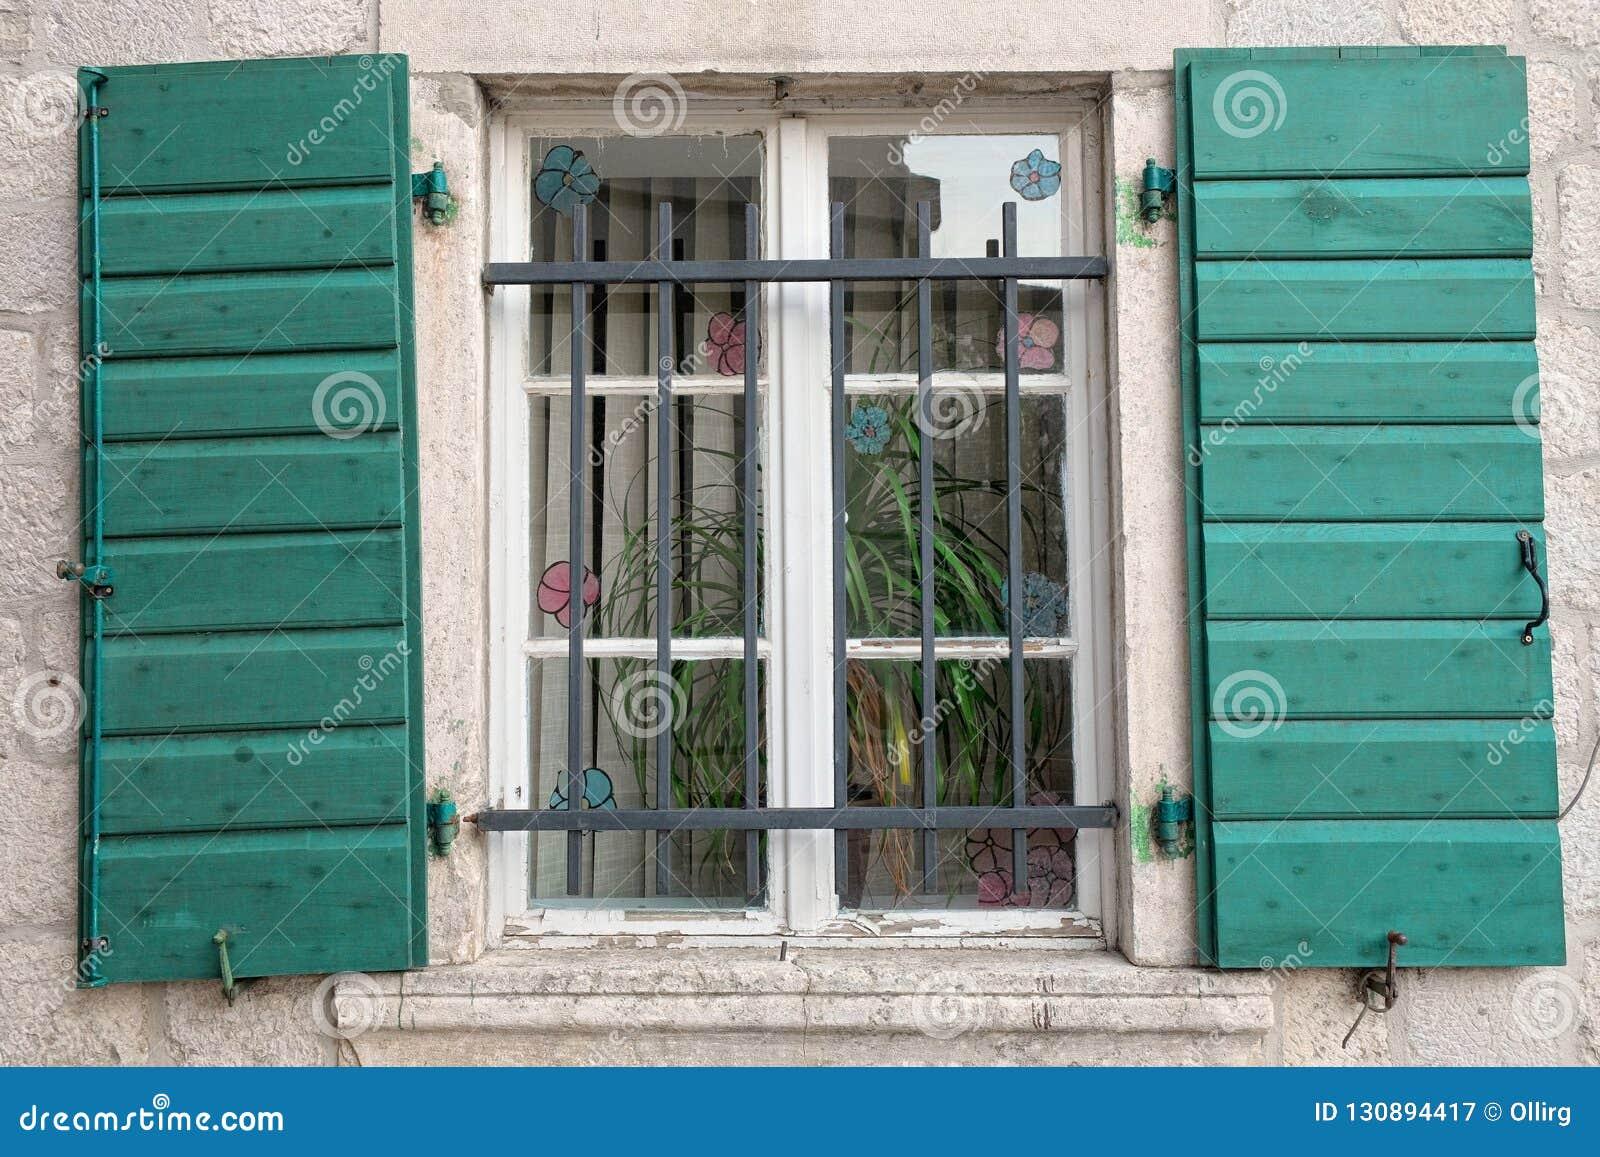 Window Shutters Open In Kotor Montenegro Montenegro Stock